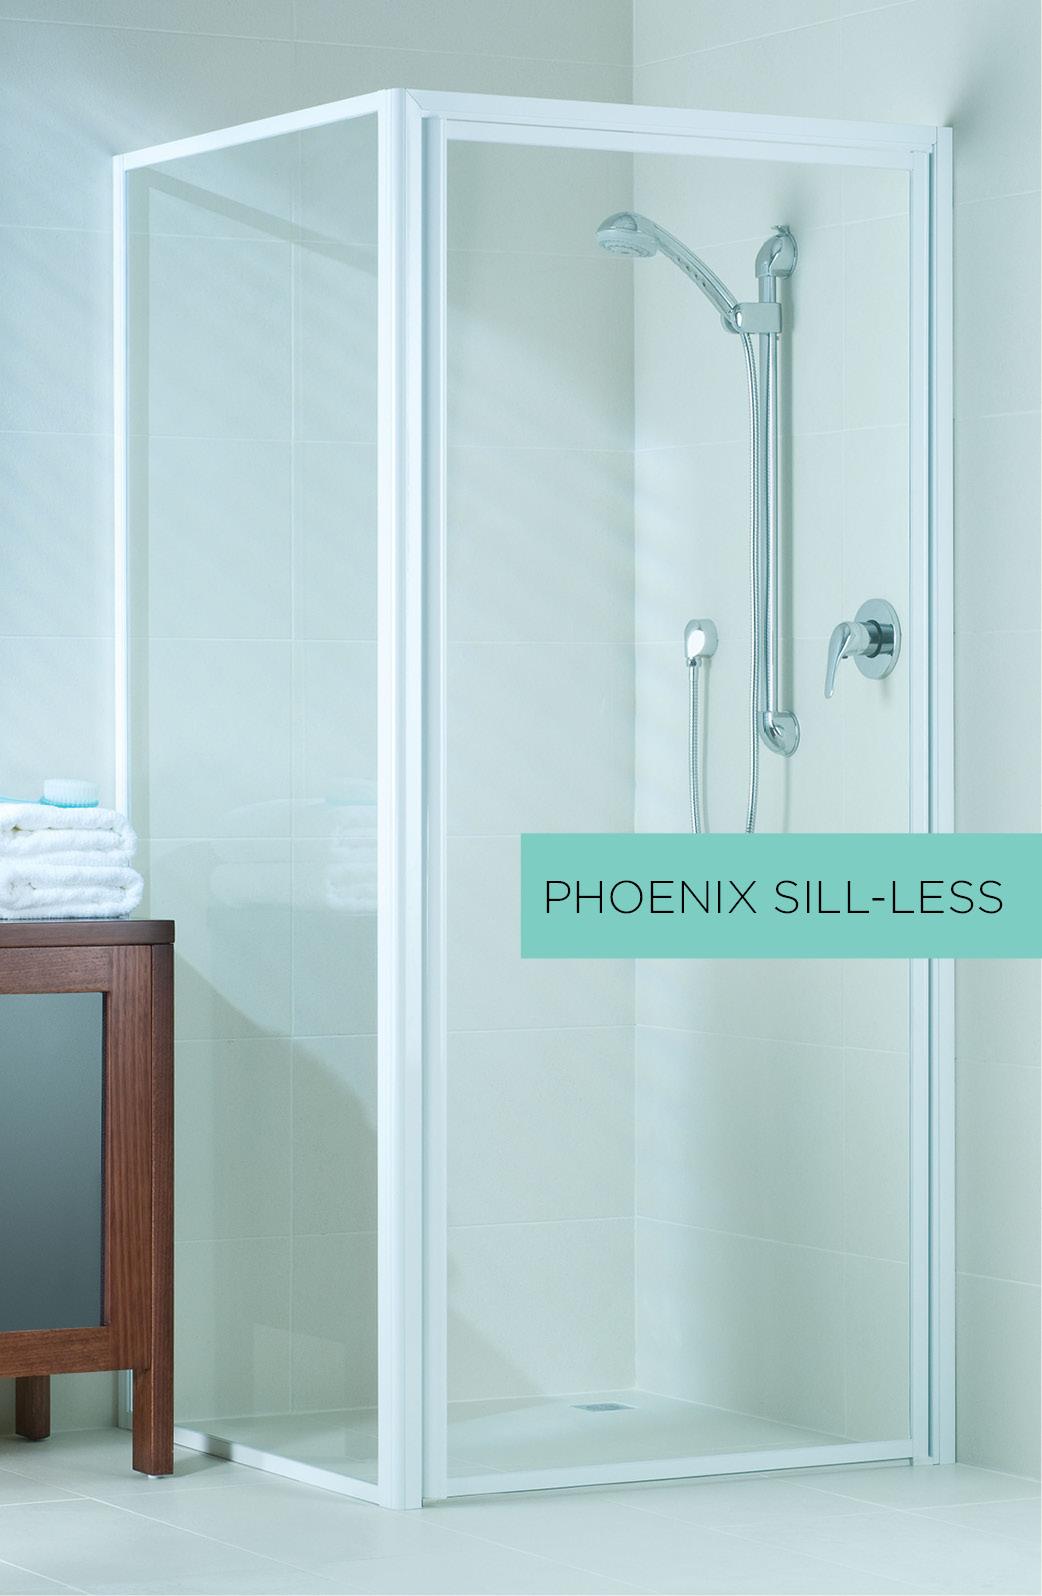 Phoenix sill-less shower door